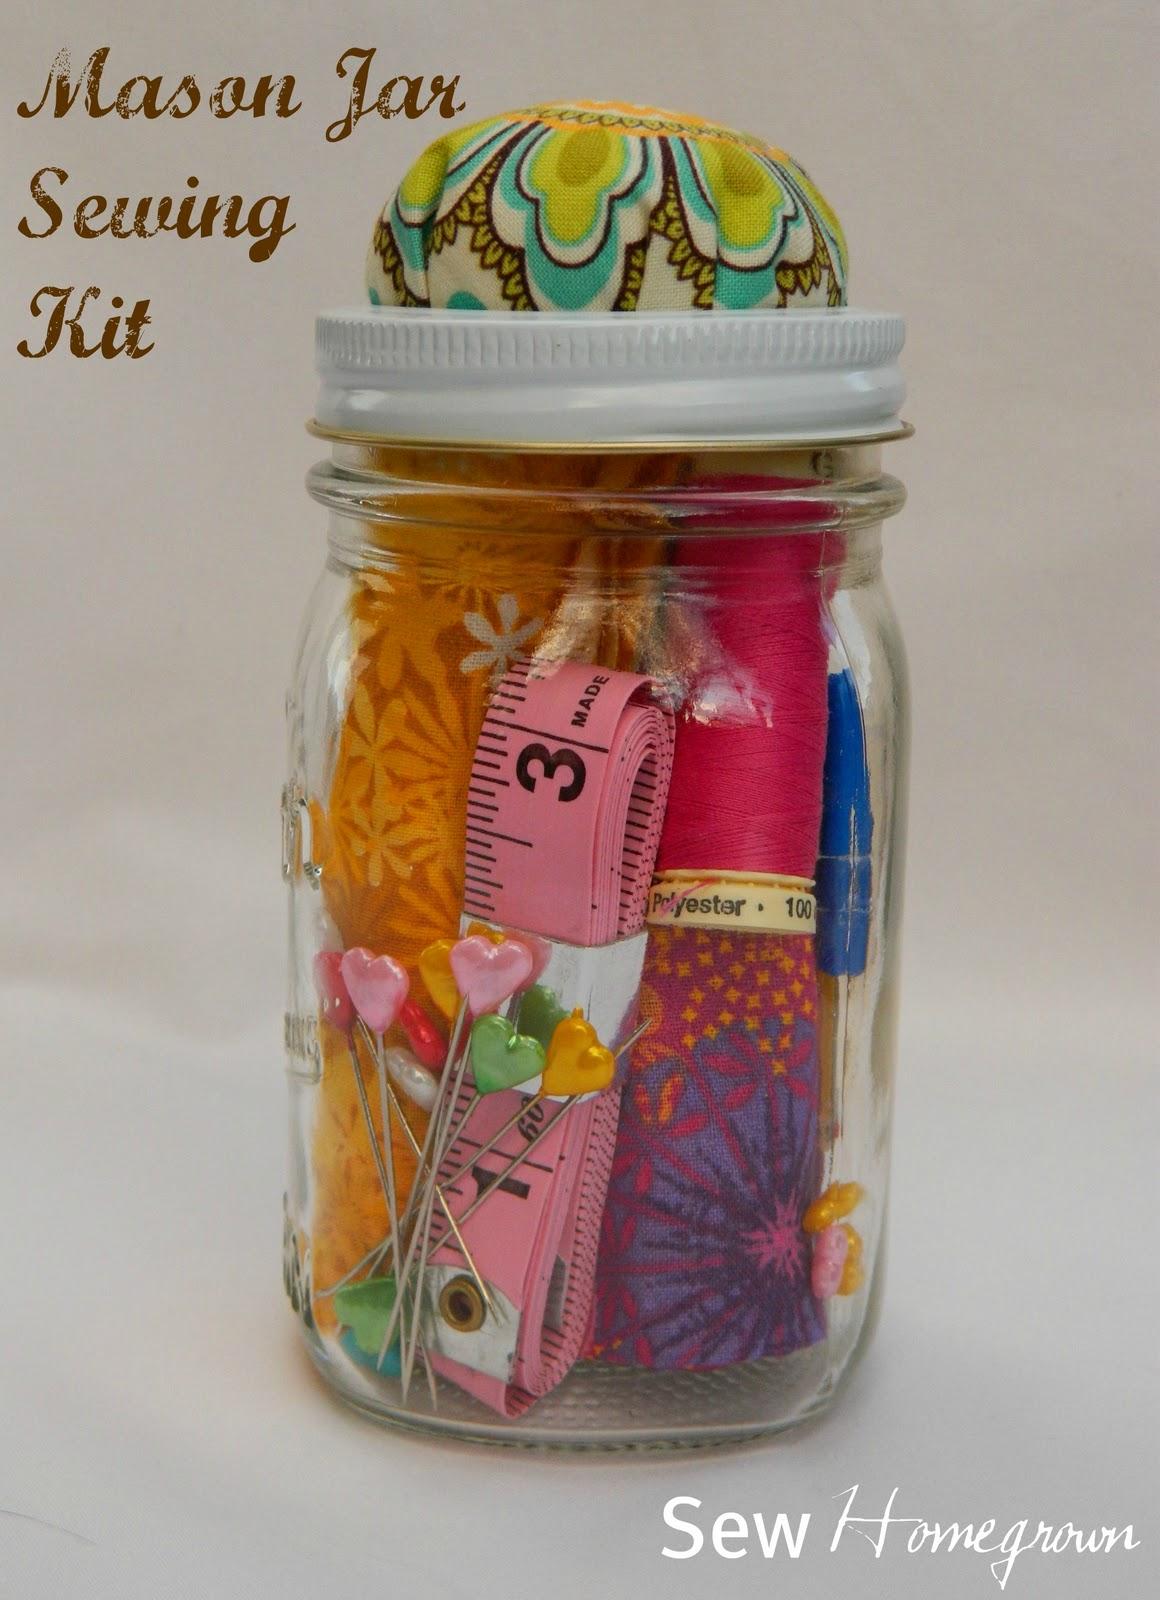 Sew Homegrown: {DIY} Mason Jar Sewing Kit - the tween version